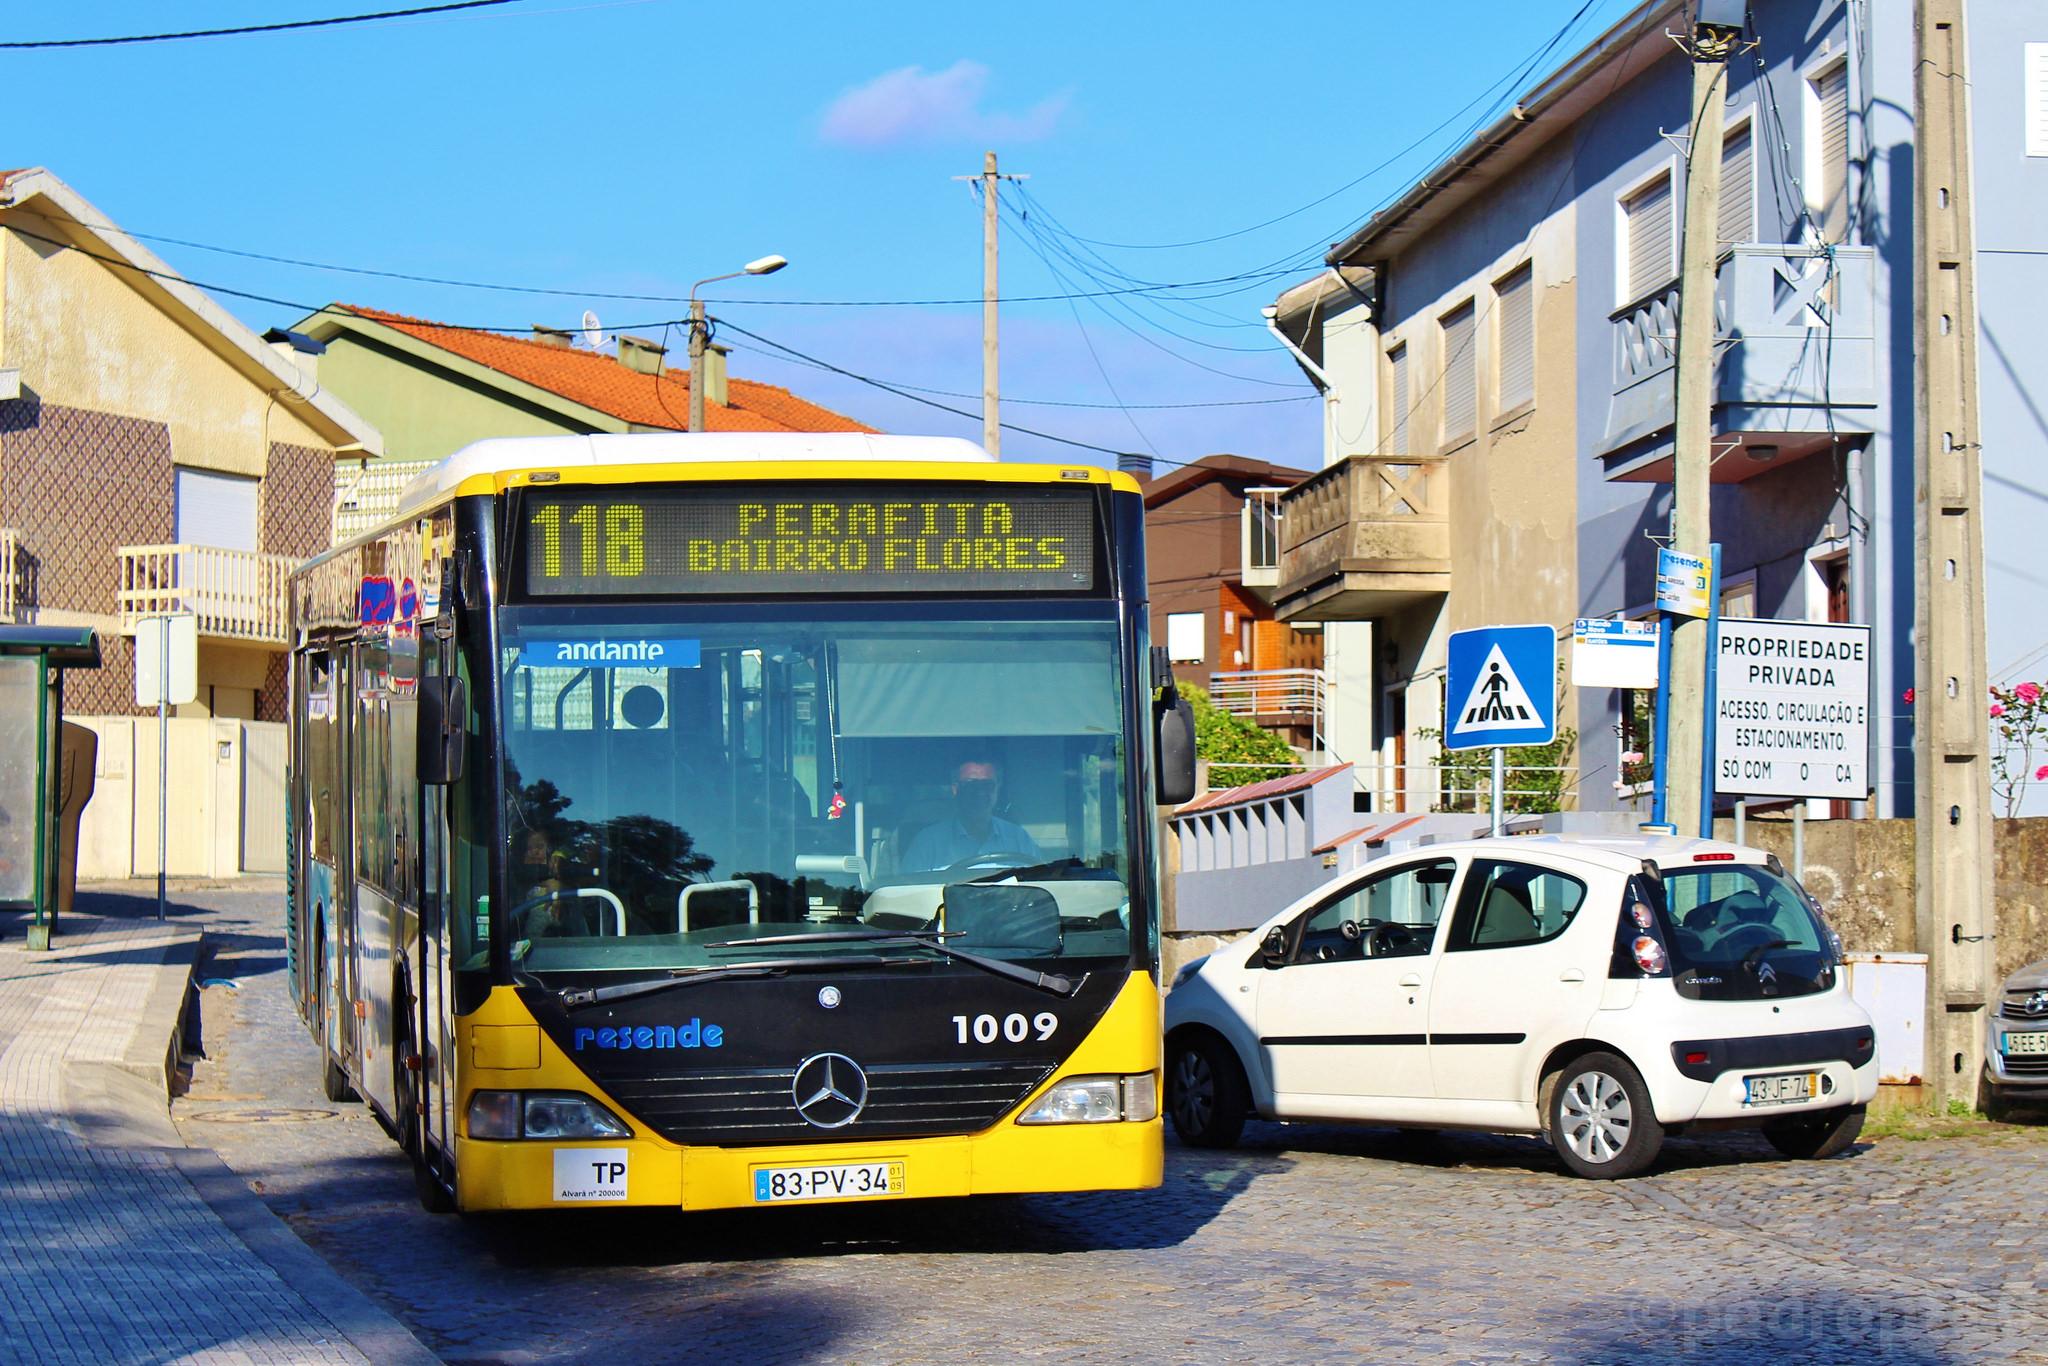 Obras na Rua Monte dos Pipos (Guifões) – 105, 118 e 105N